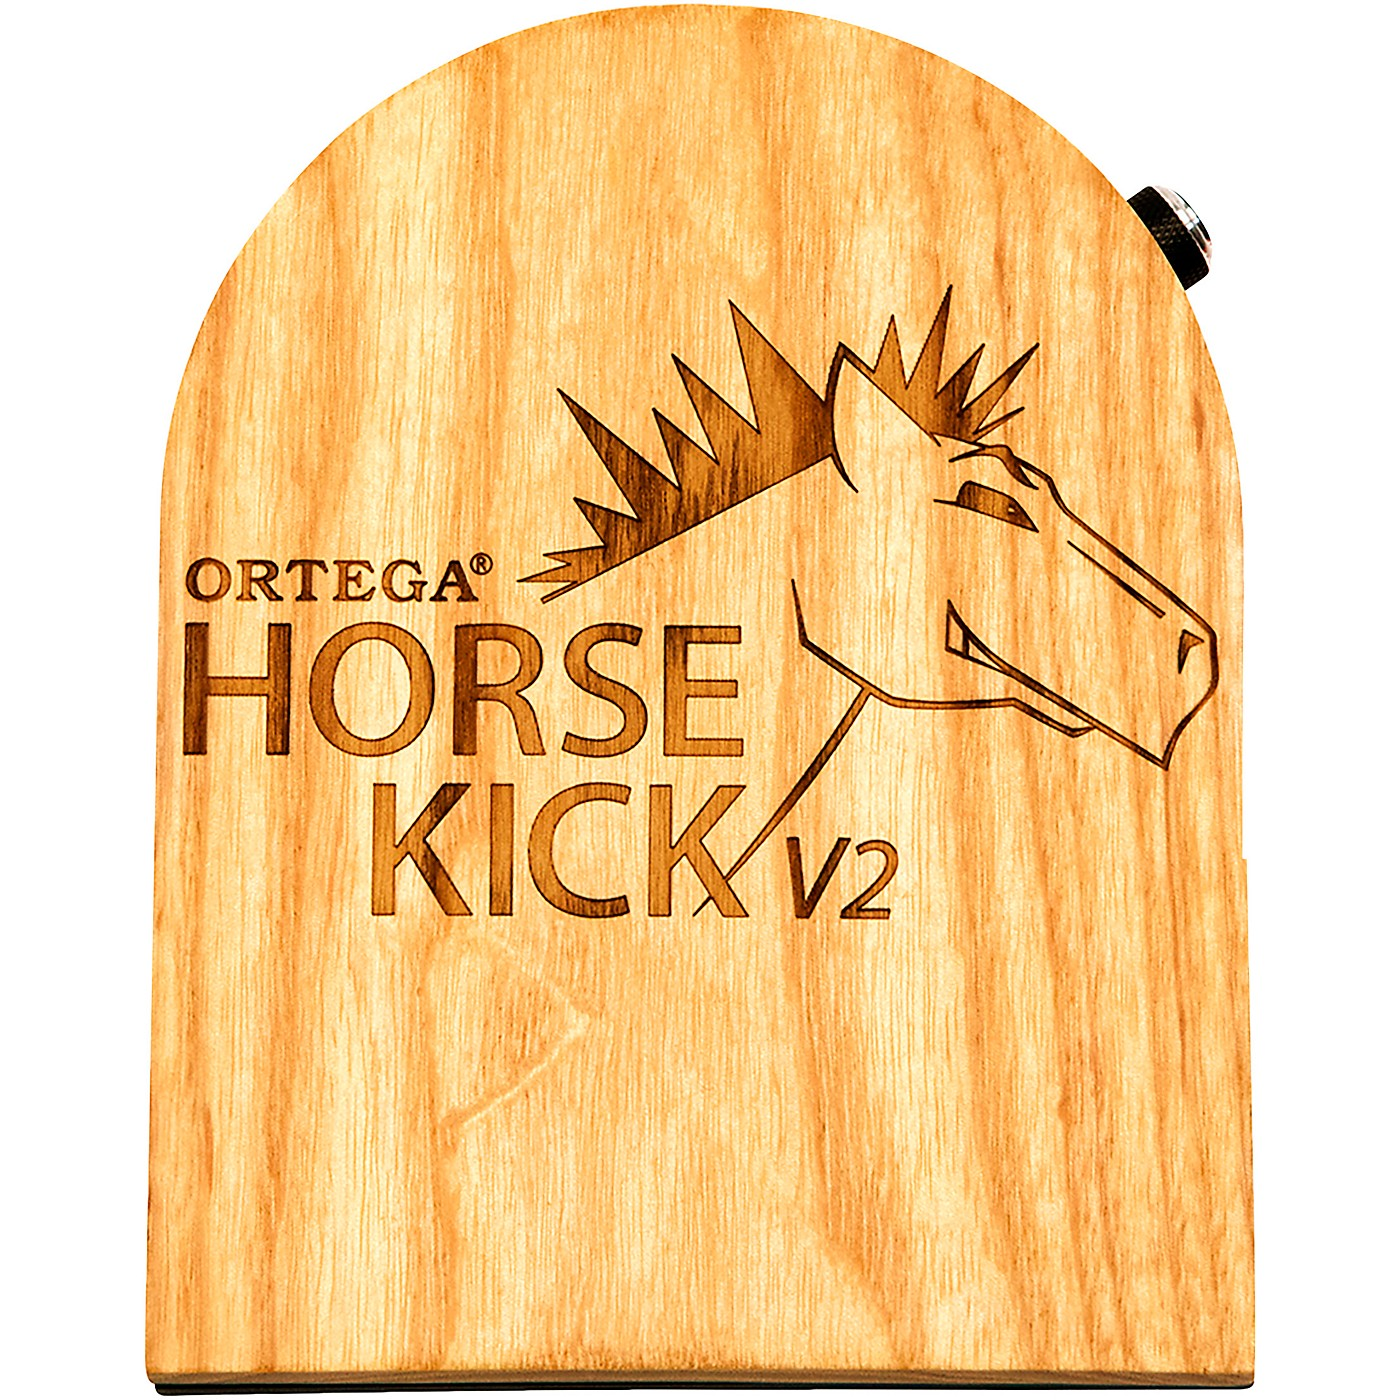 Ortega Horse Kick V2 Digital Guitarist Stomp Box with Cajon Bass Sample thumbnail